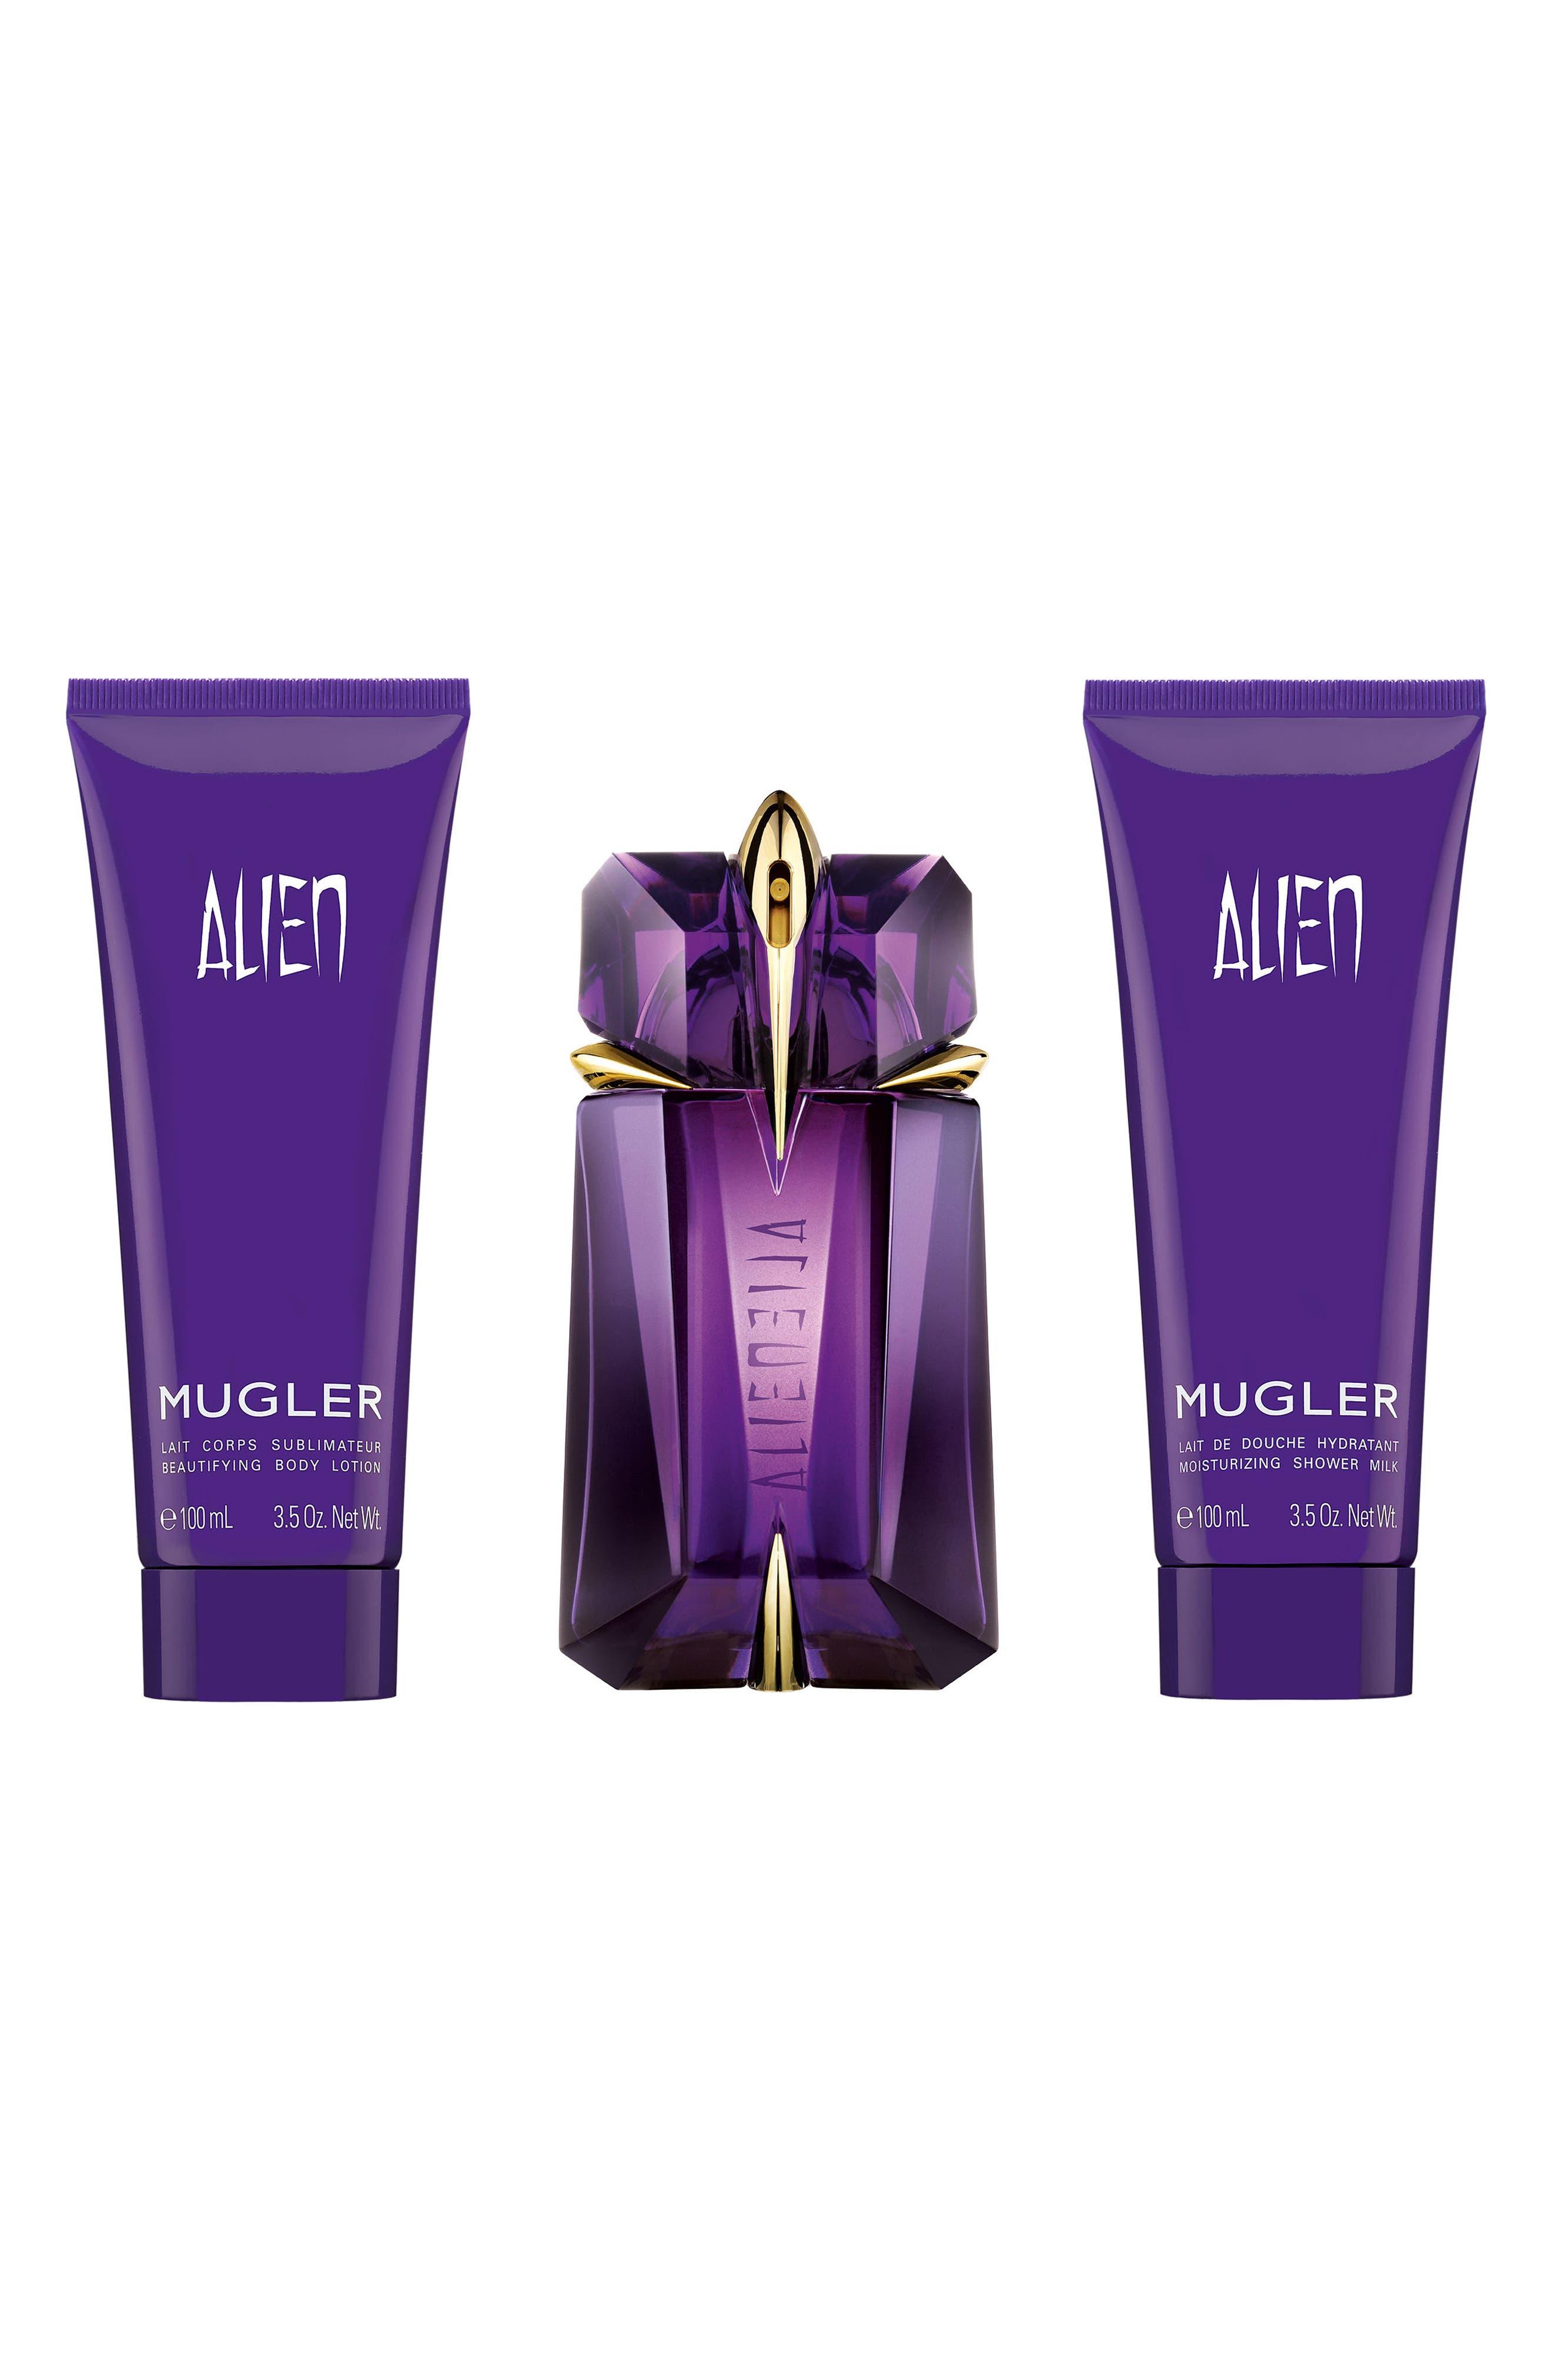 Alien by Mugler Loyalty Eau de Parfum Set (Limited Edition) ($173 Value)